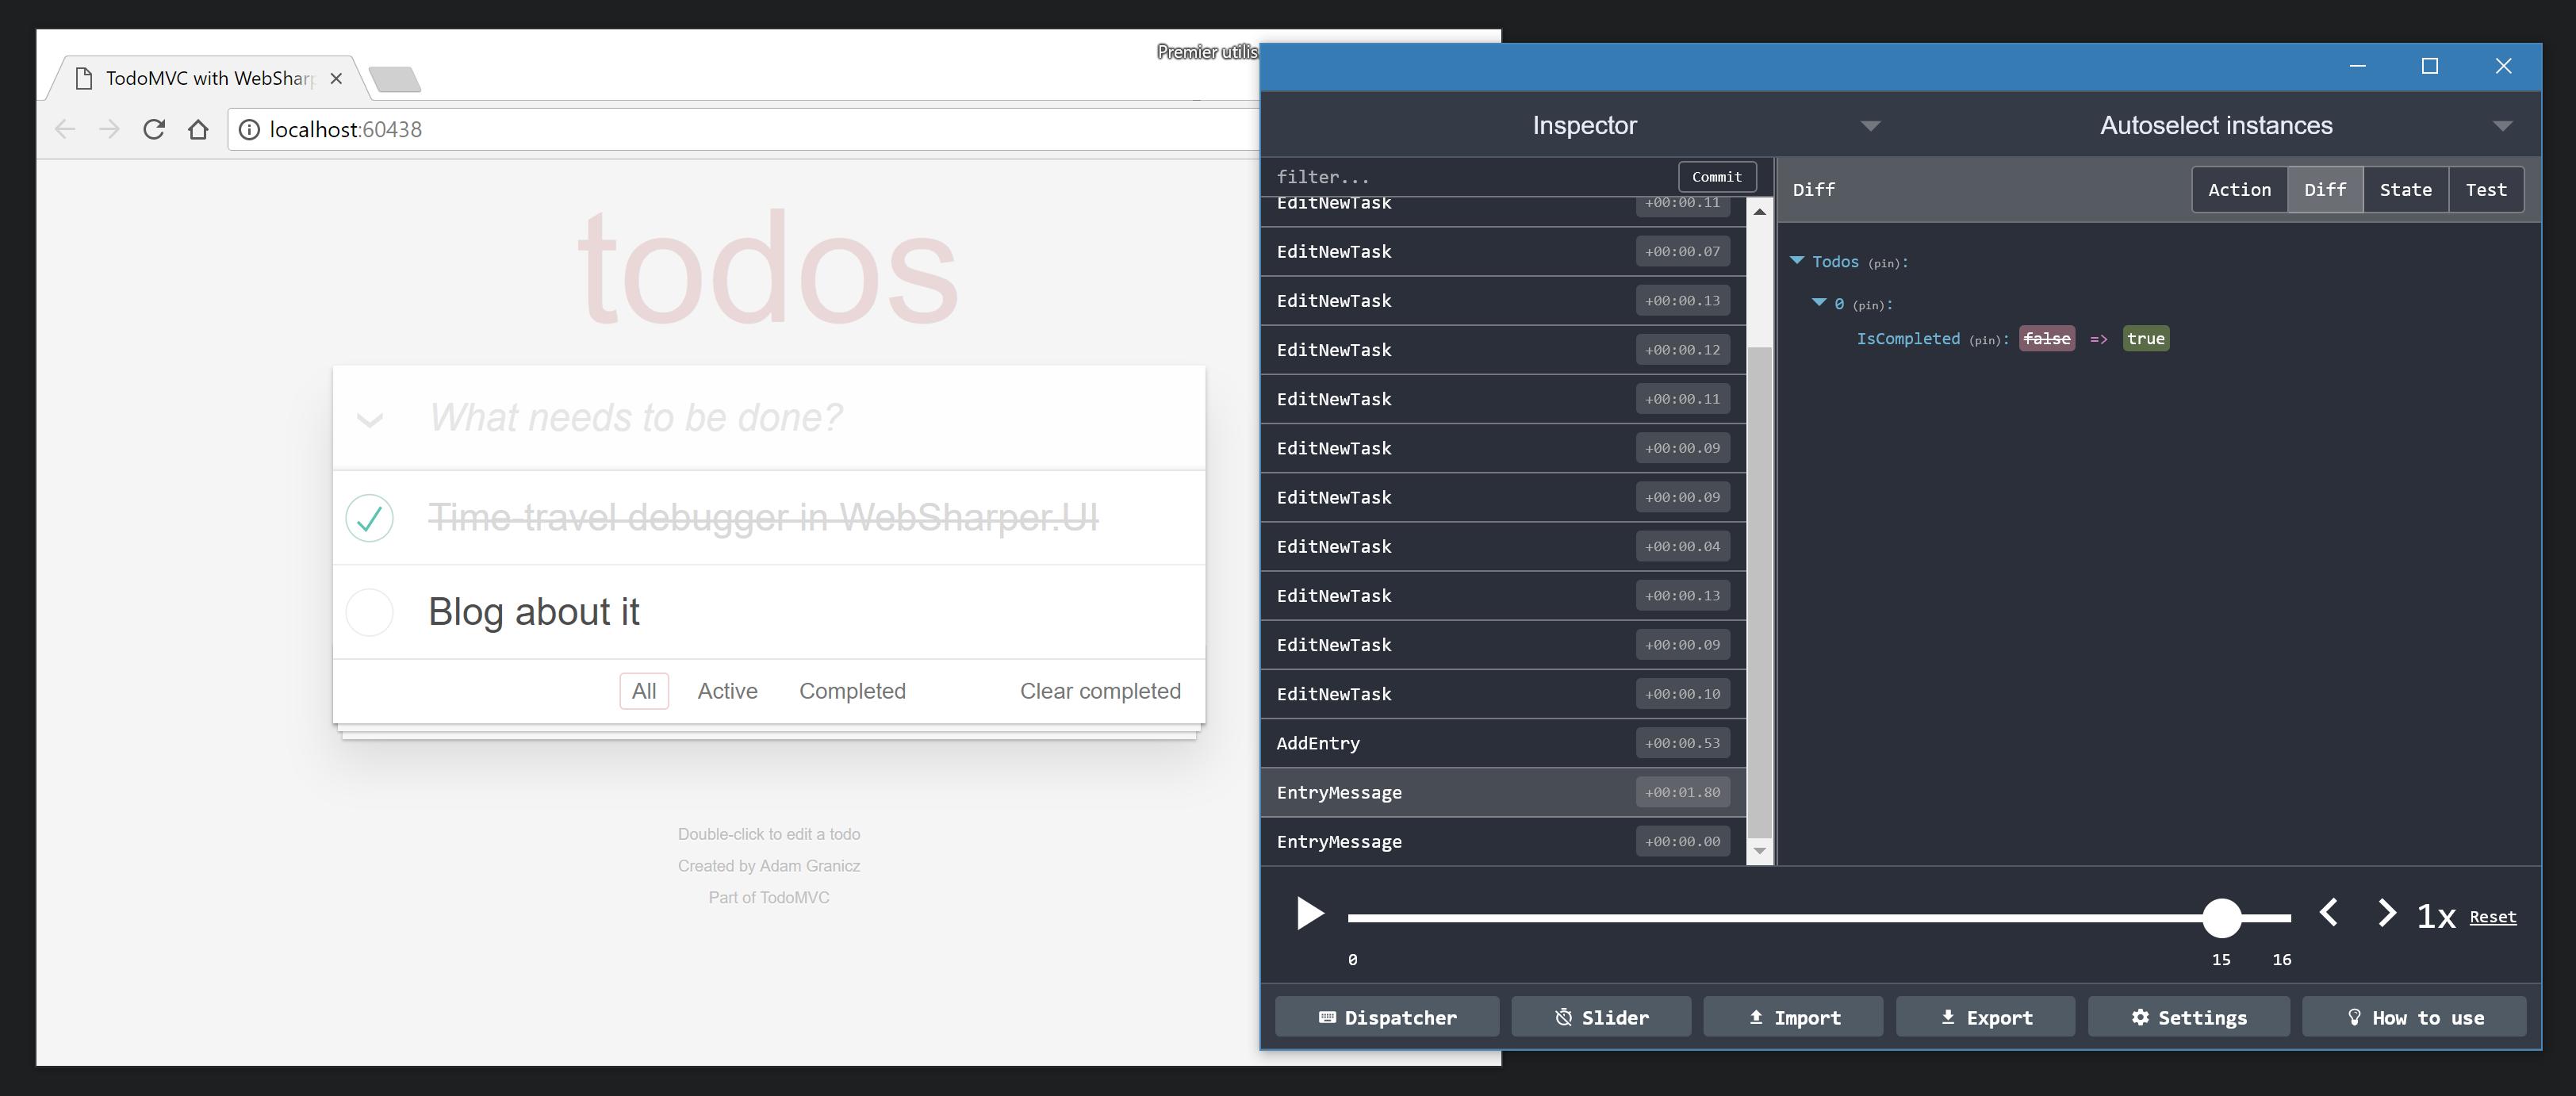 WebSharper Documentation